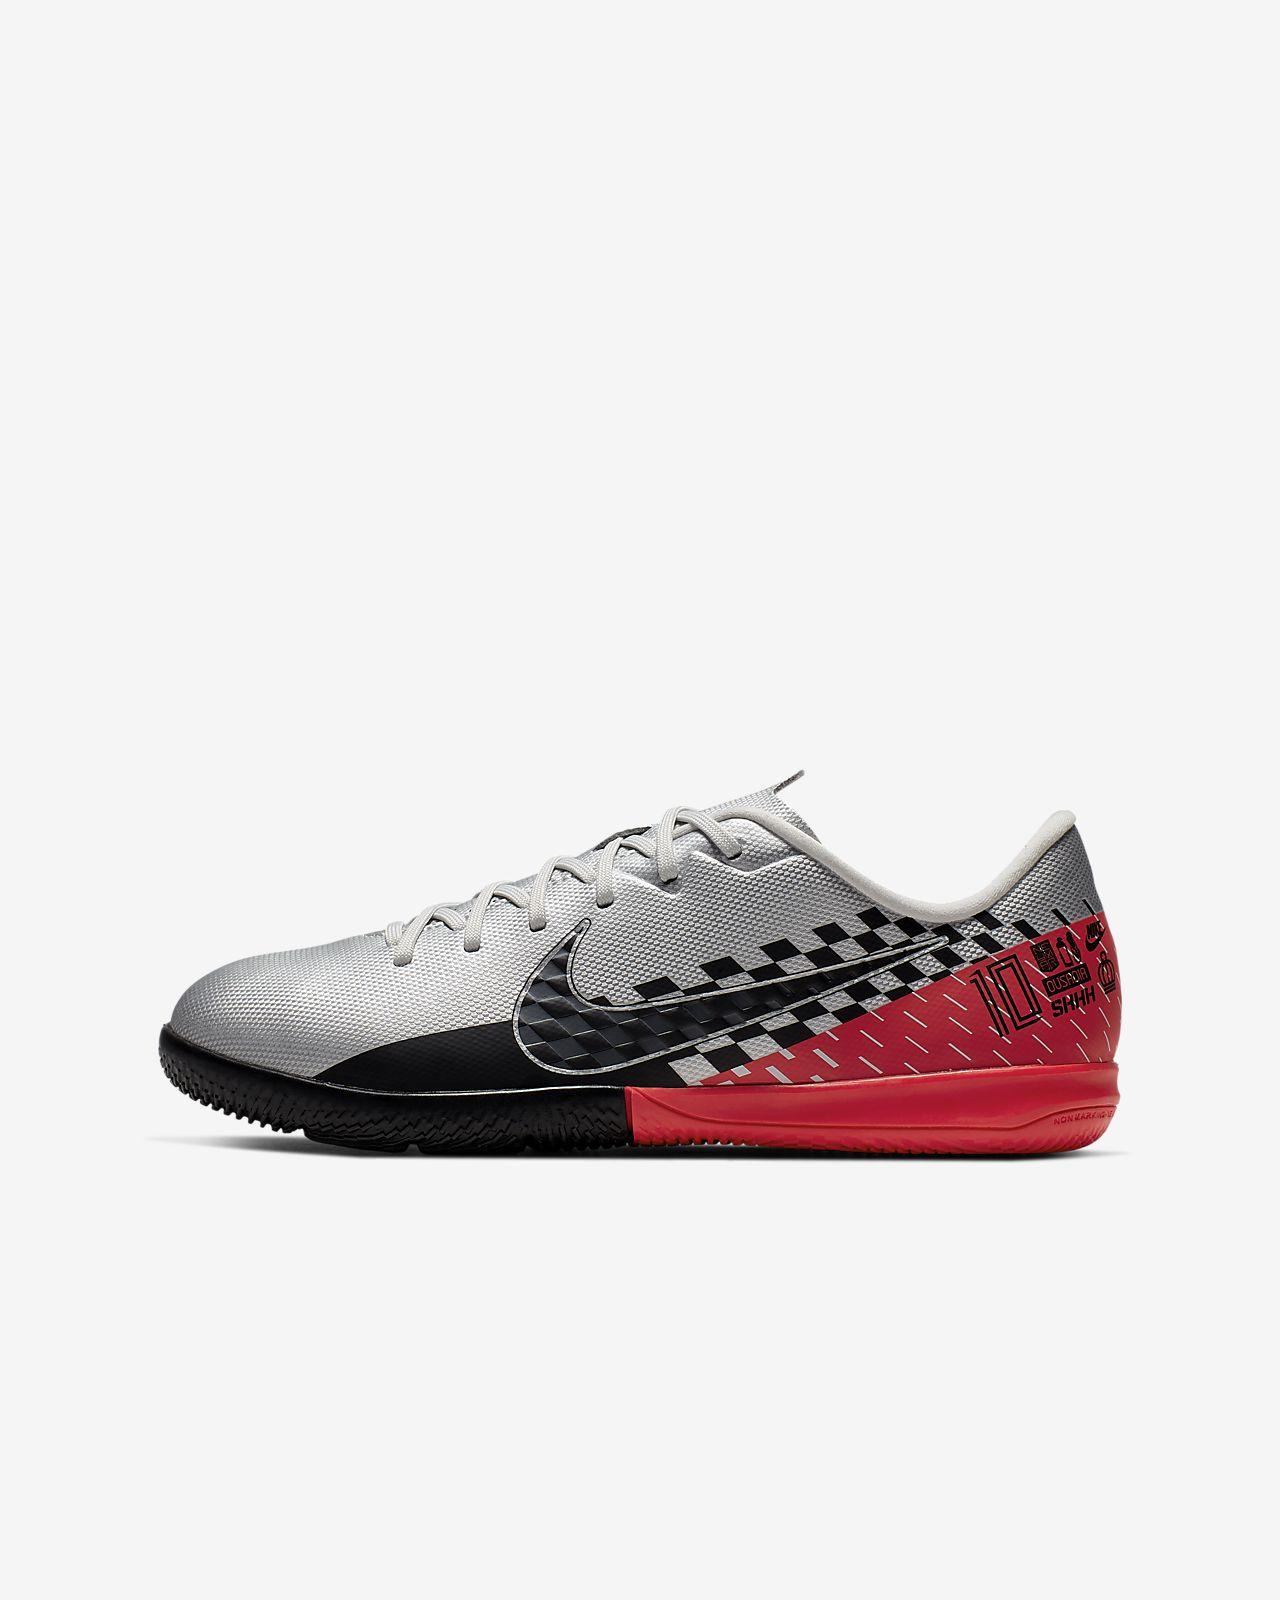 Nike Jr. Mercurial Vapor 13 Academy Neymar Jr. IC Kids' Indoor/Court Soccer Shoe